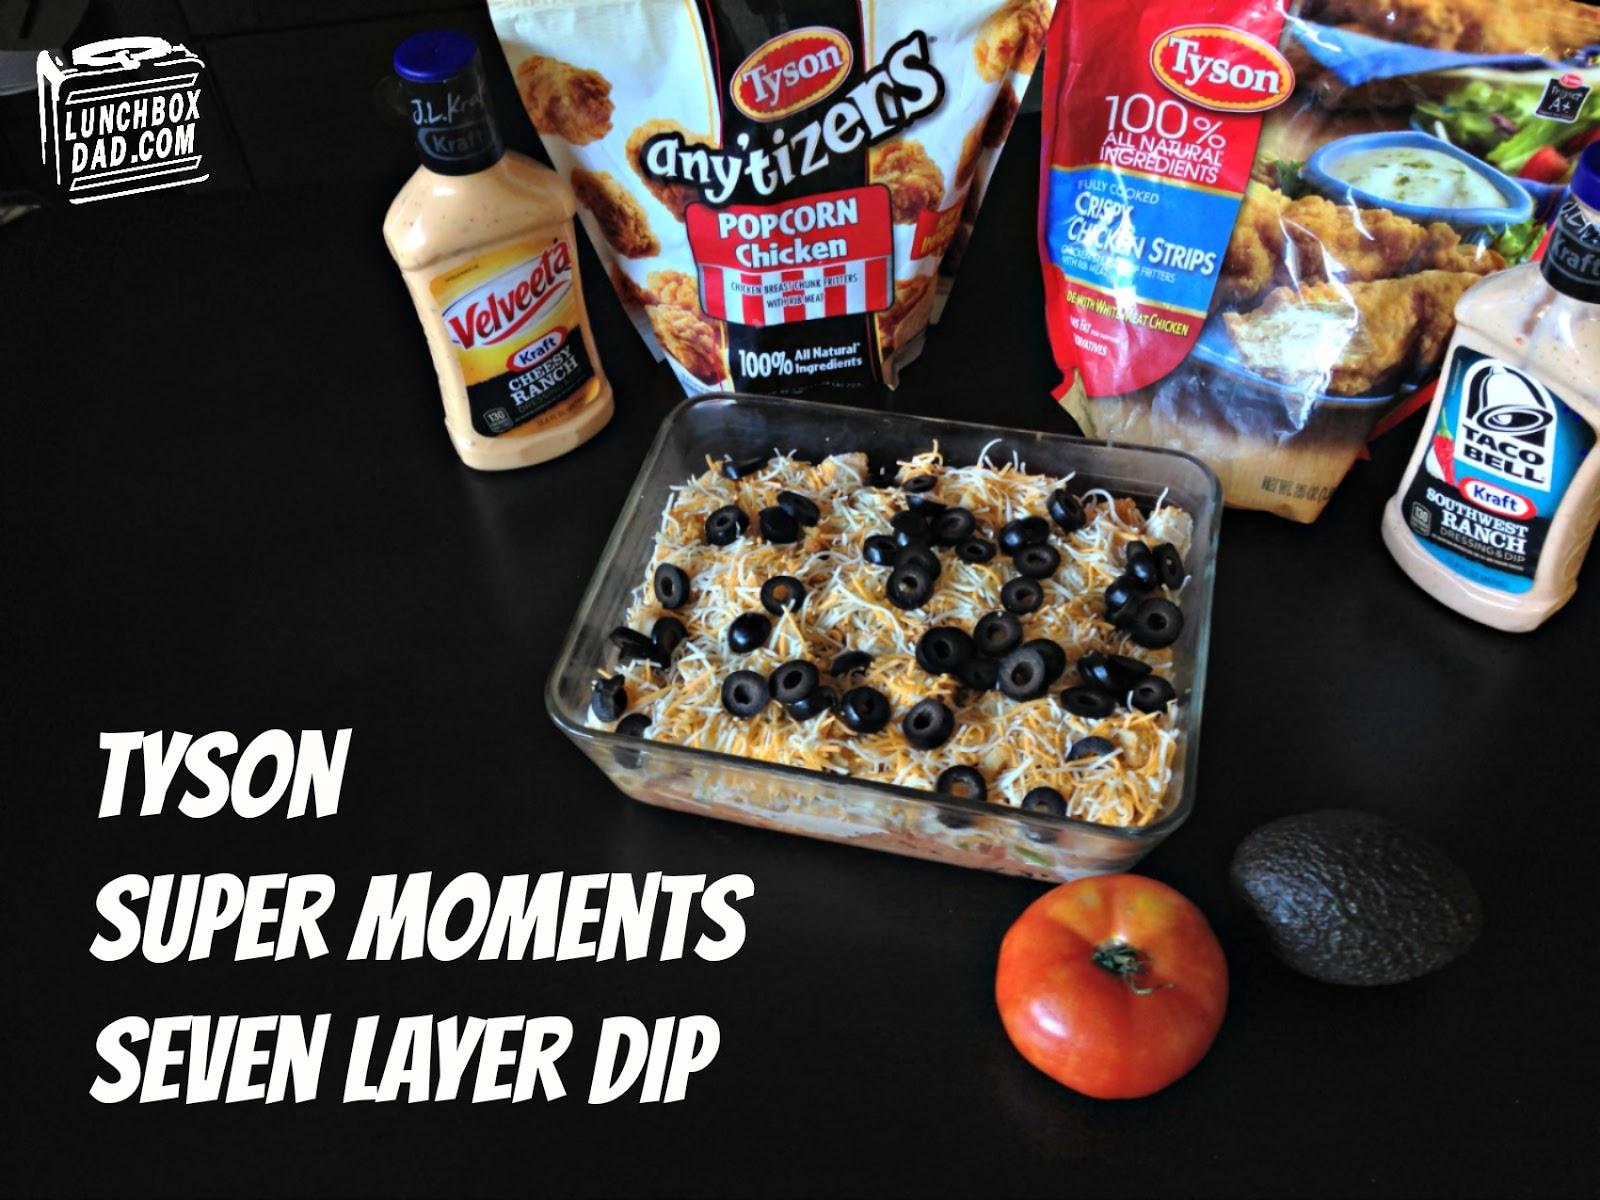 Tyson Super Moments Seven Layer Dip #AD #SuperMoments #cbias